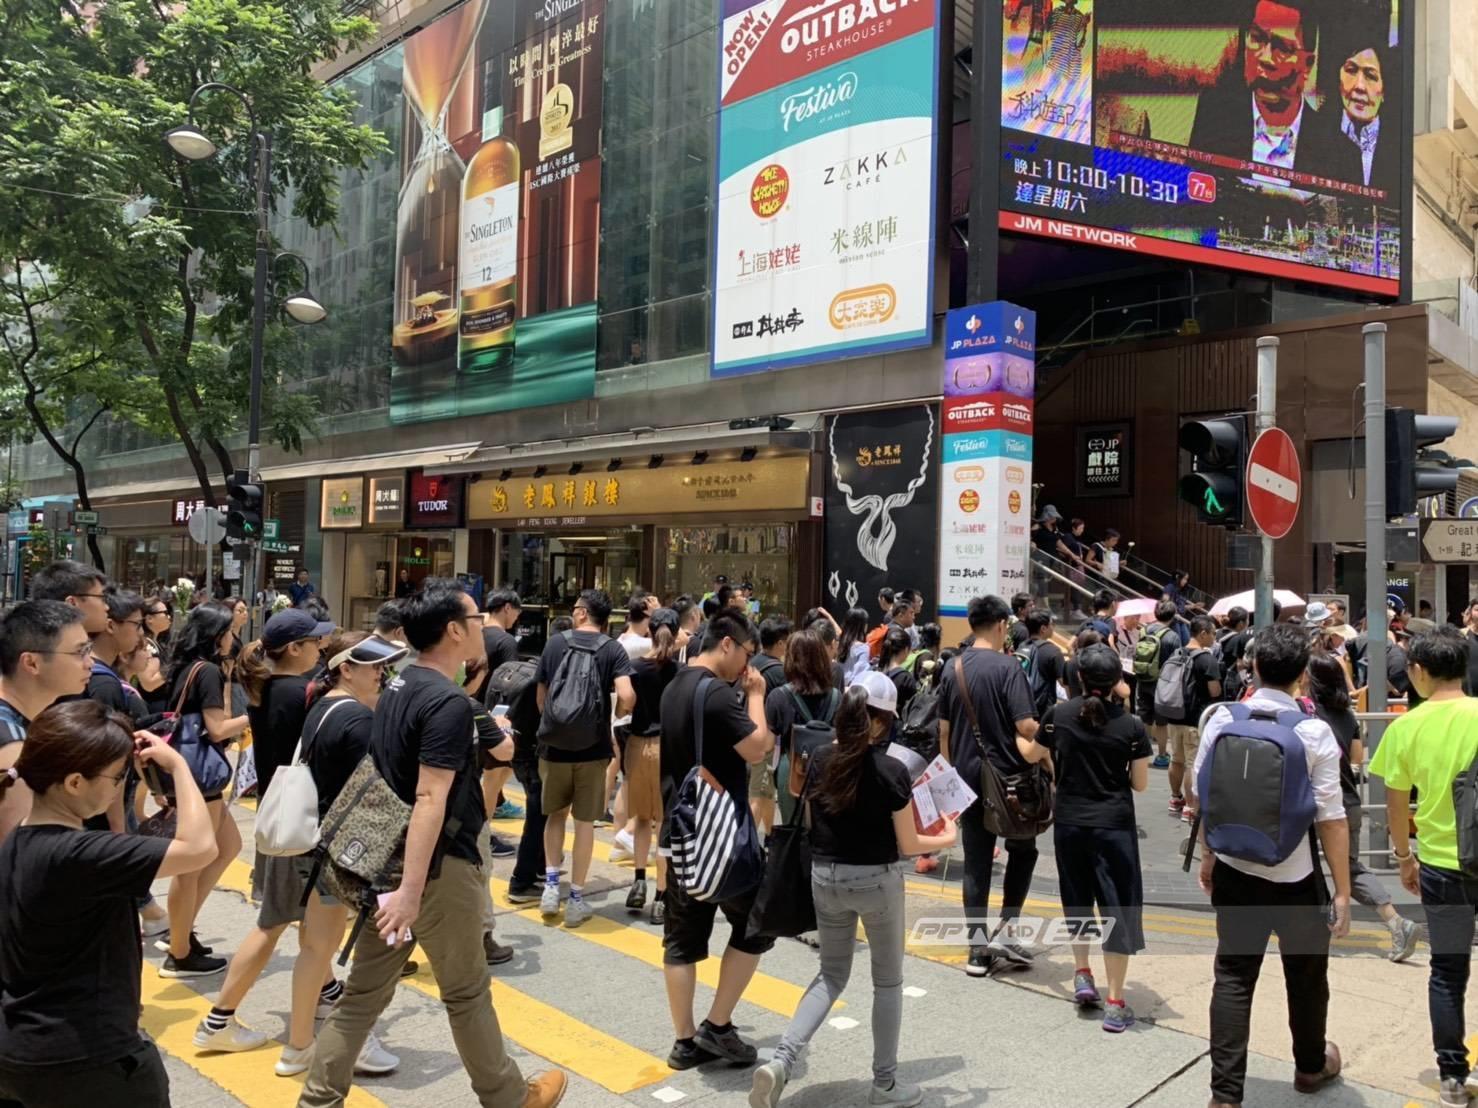 สถานกงสุลใหญ่ฯ เตือนคนไทยเลี่ยงพื้นที่ชุมนุม 3 จุด